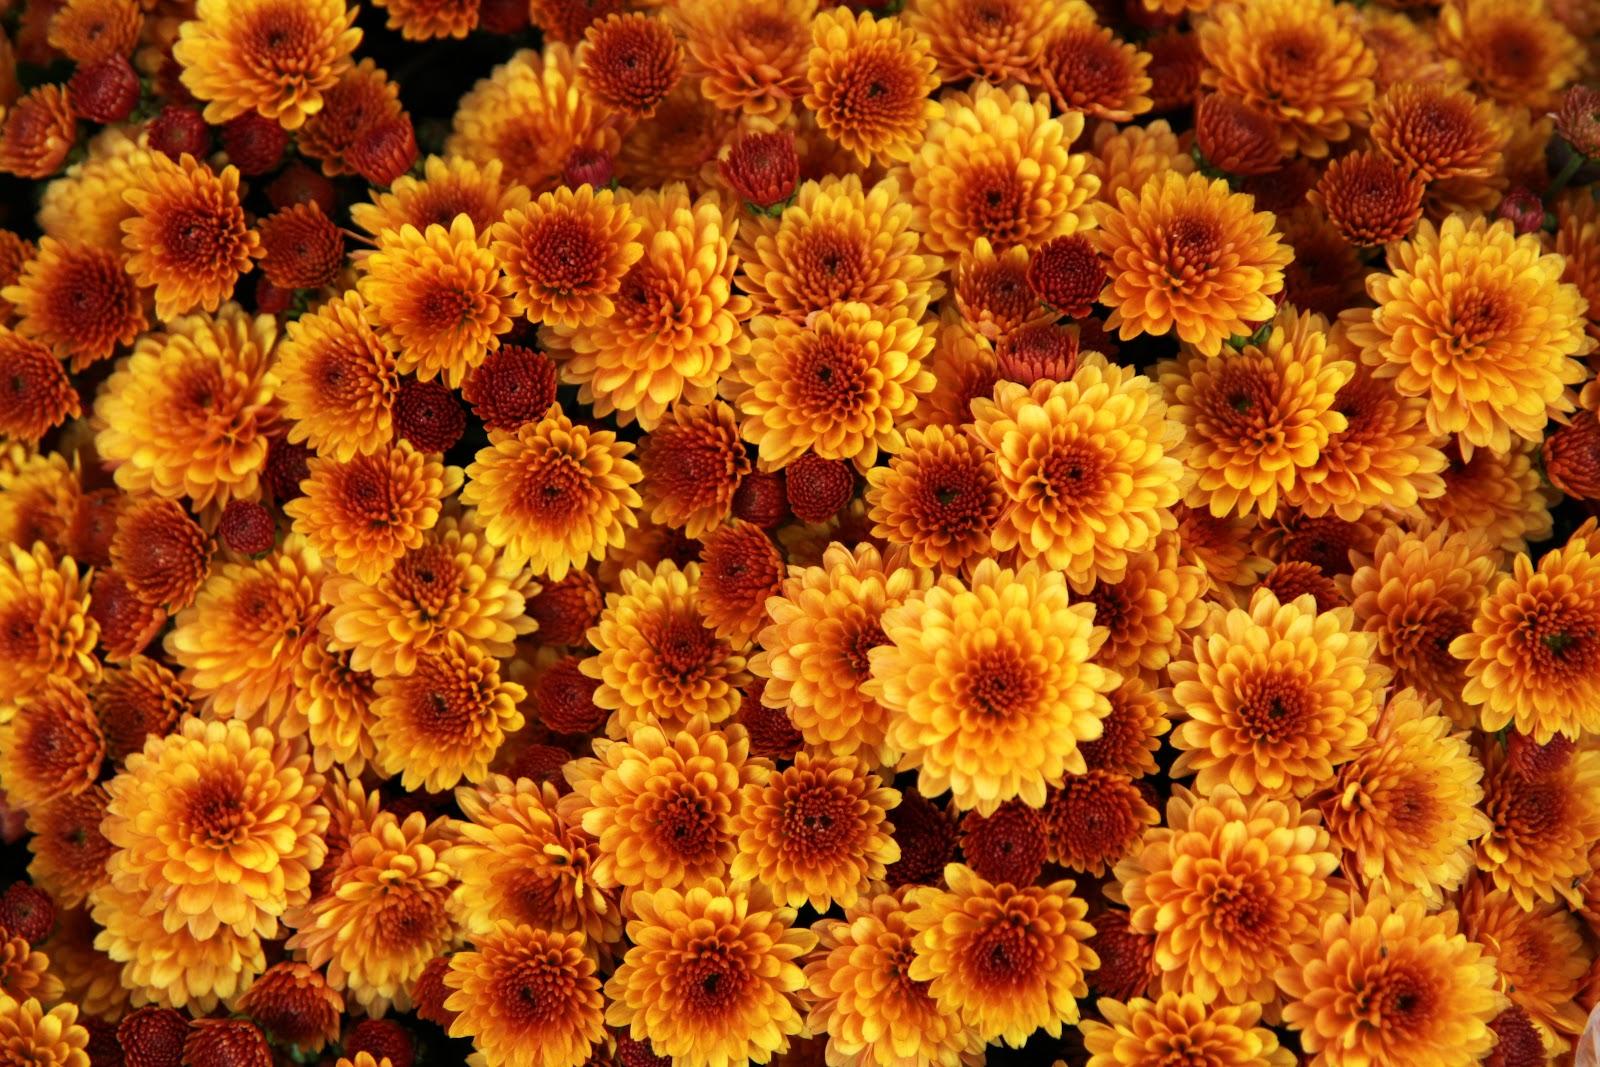 Free Images : nature, blossom, flower, petal, bloom, floral ...